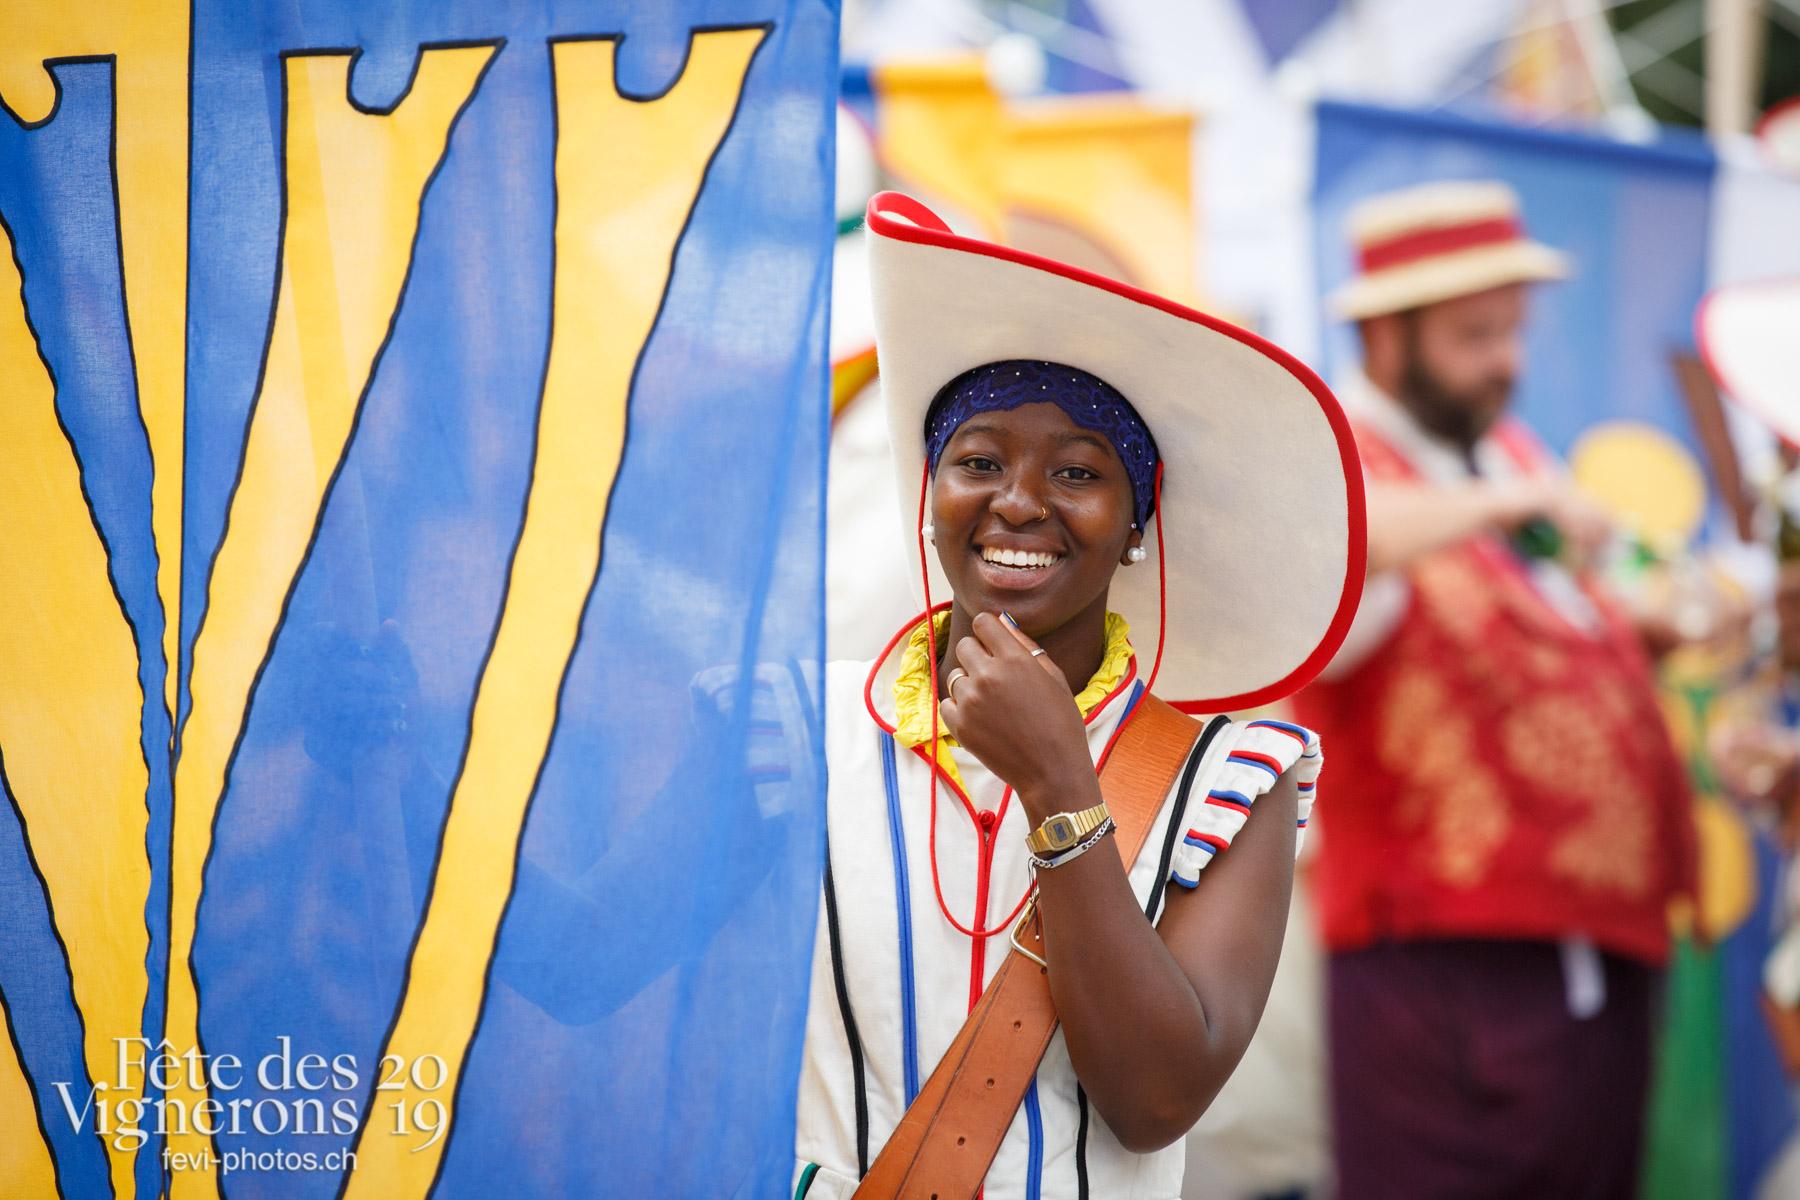 Journée cantonale, Vaud - Journées cantonales, Porteurs drapeaux, Vaud, journee-cantonale-vaud. Photographes de la Fête des Vignerons 2019